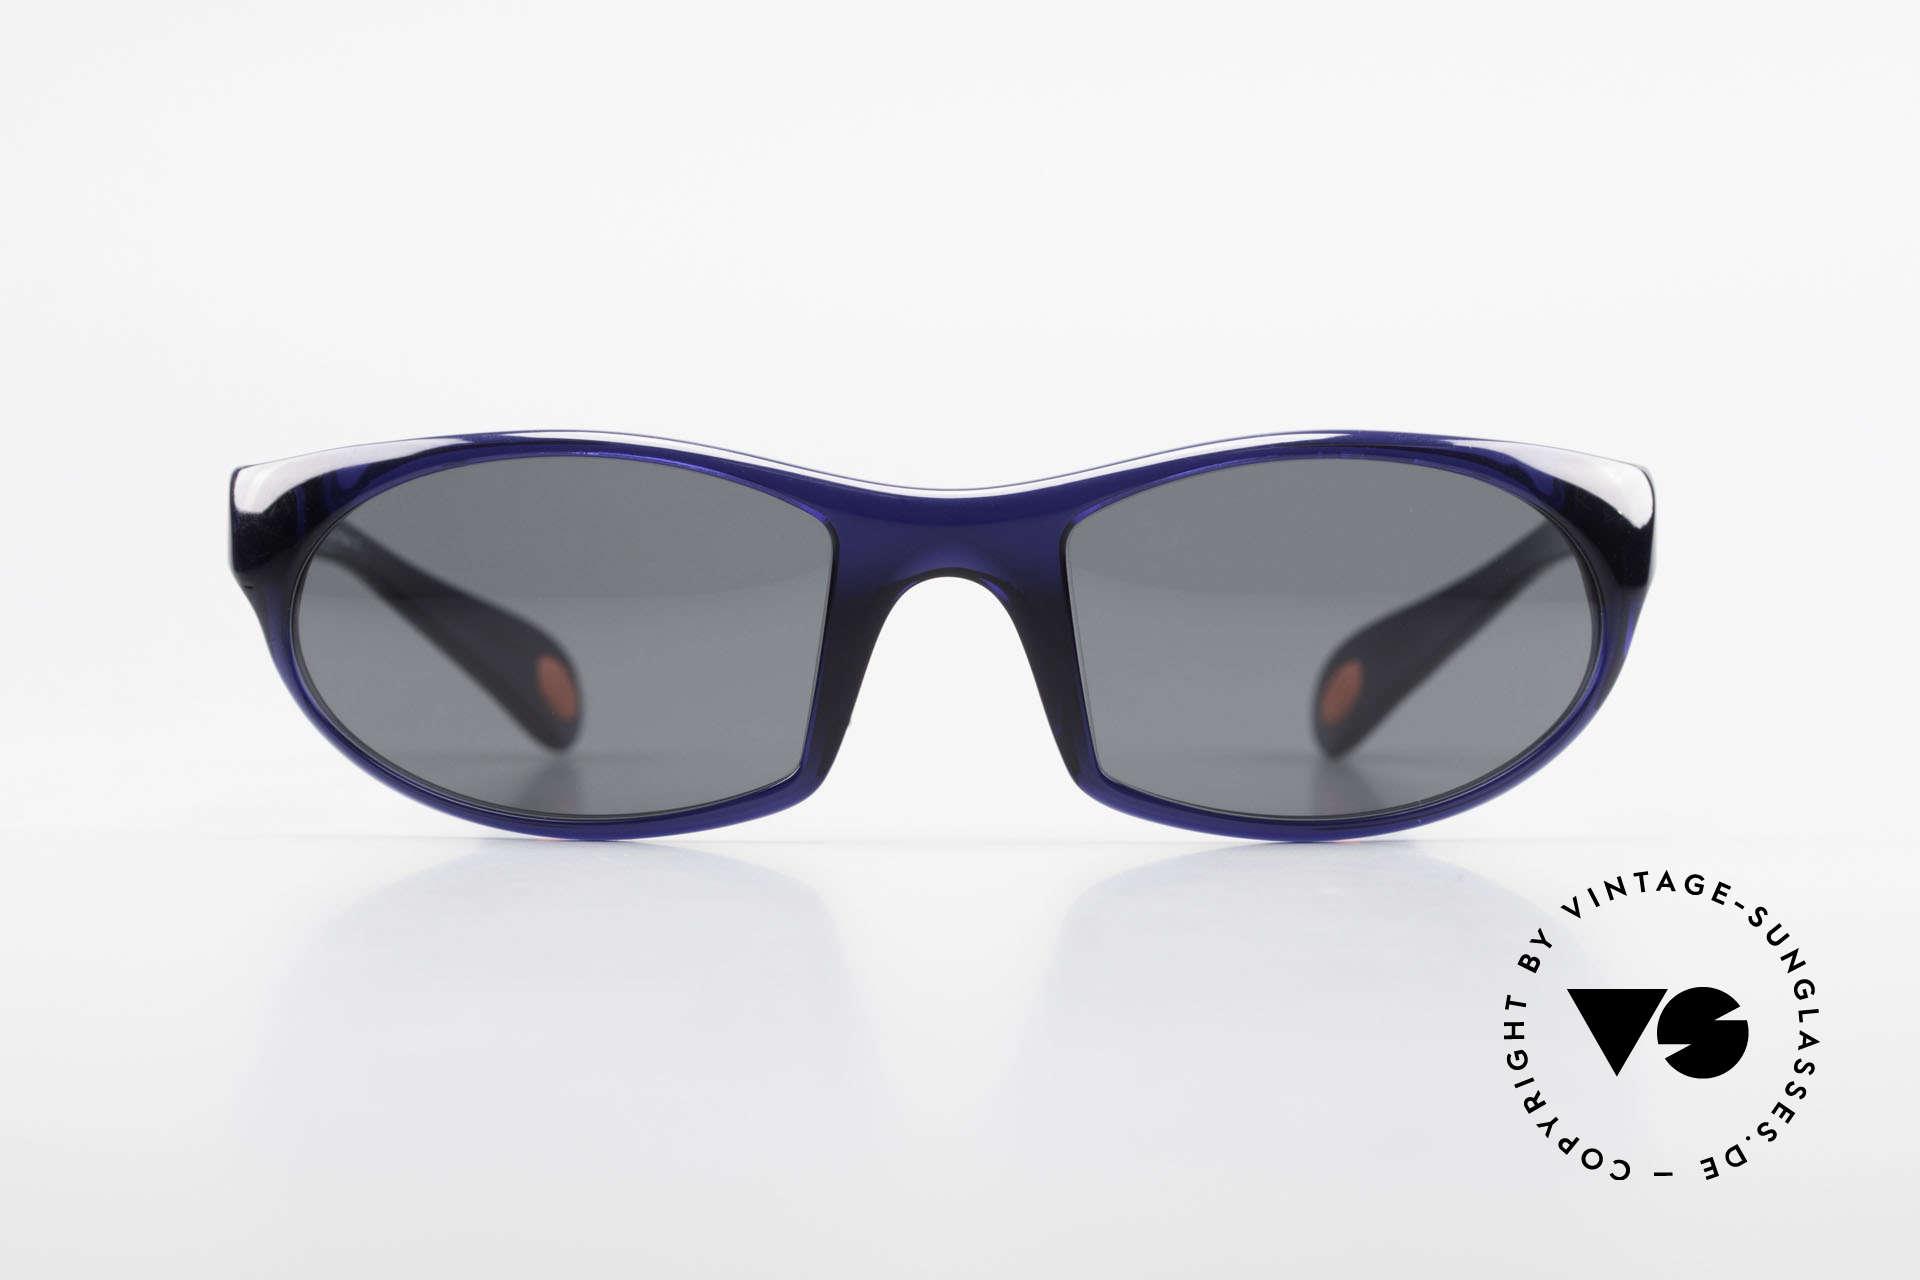 Bugatti 328 Odotype Men's Rare Designer Sunglasses, distinctive design of the ODOTYPE SERIES, Made for Men